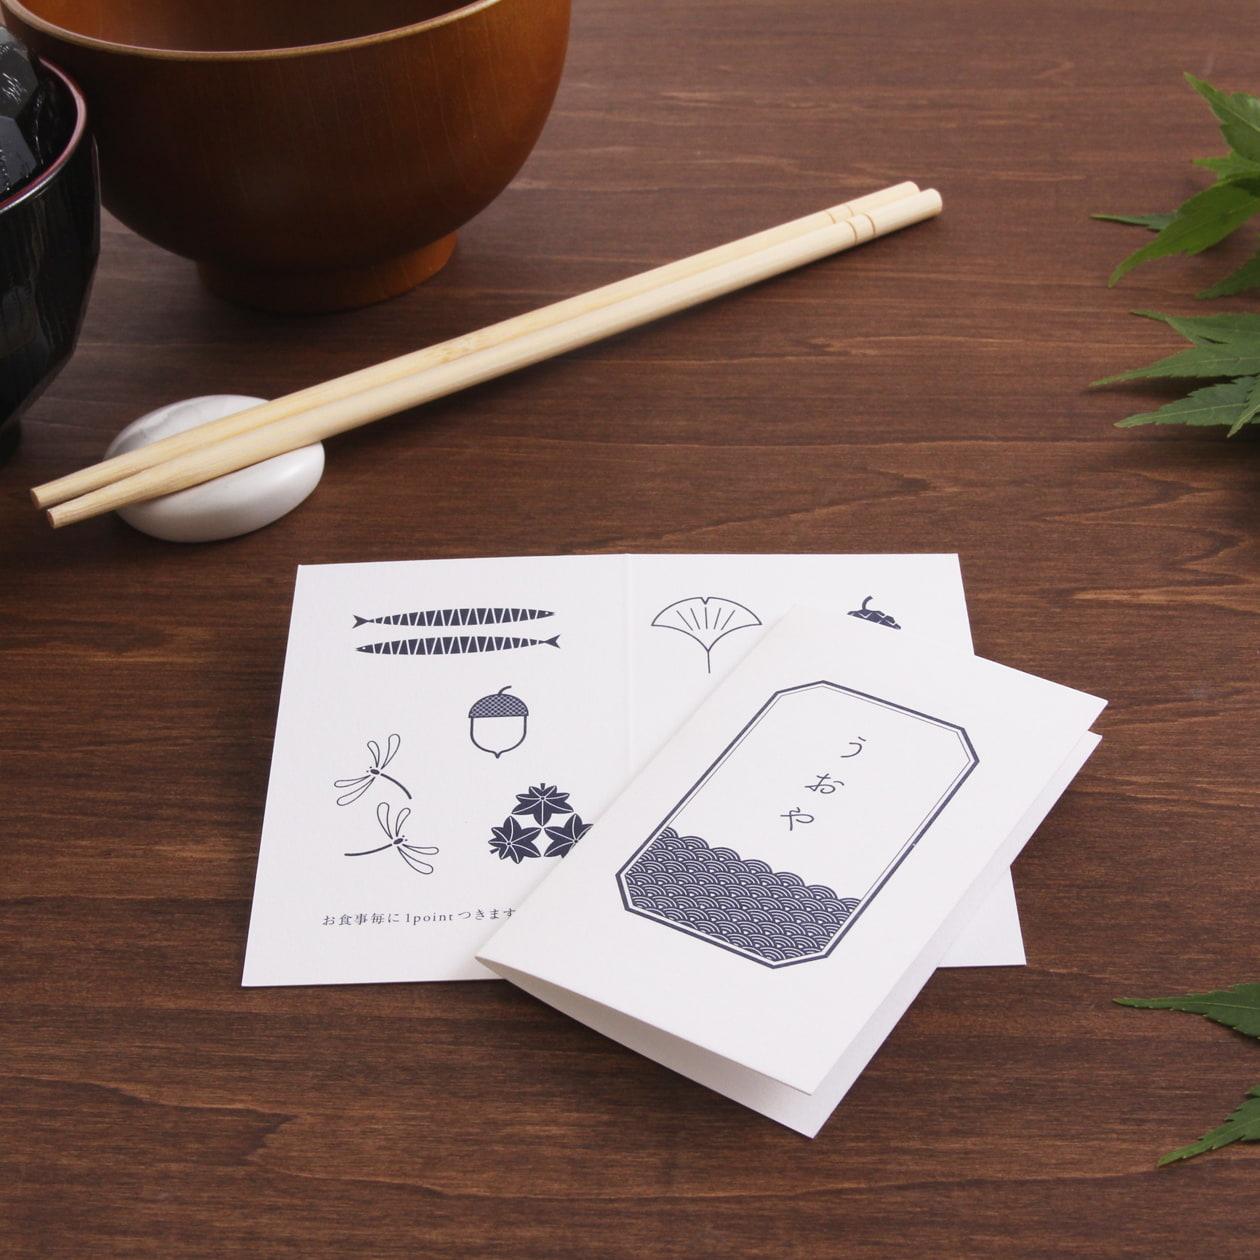 和食店の二つ折ポイントカード